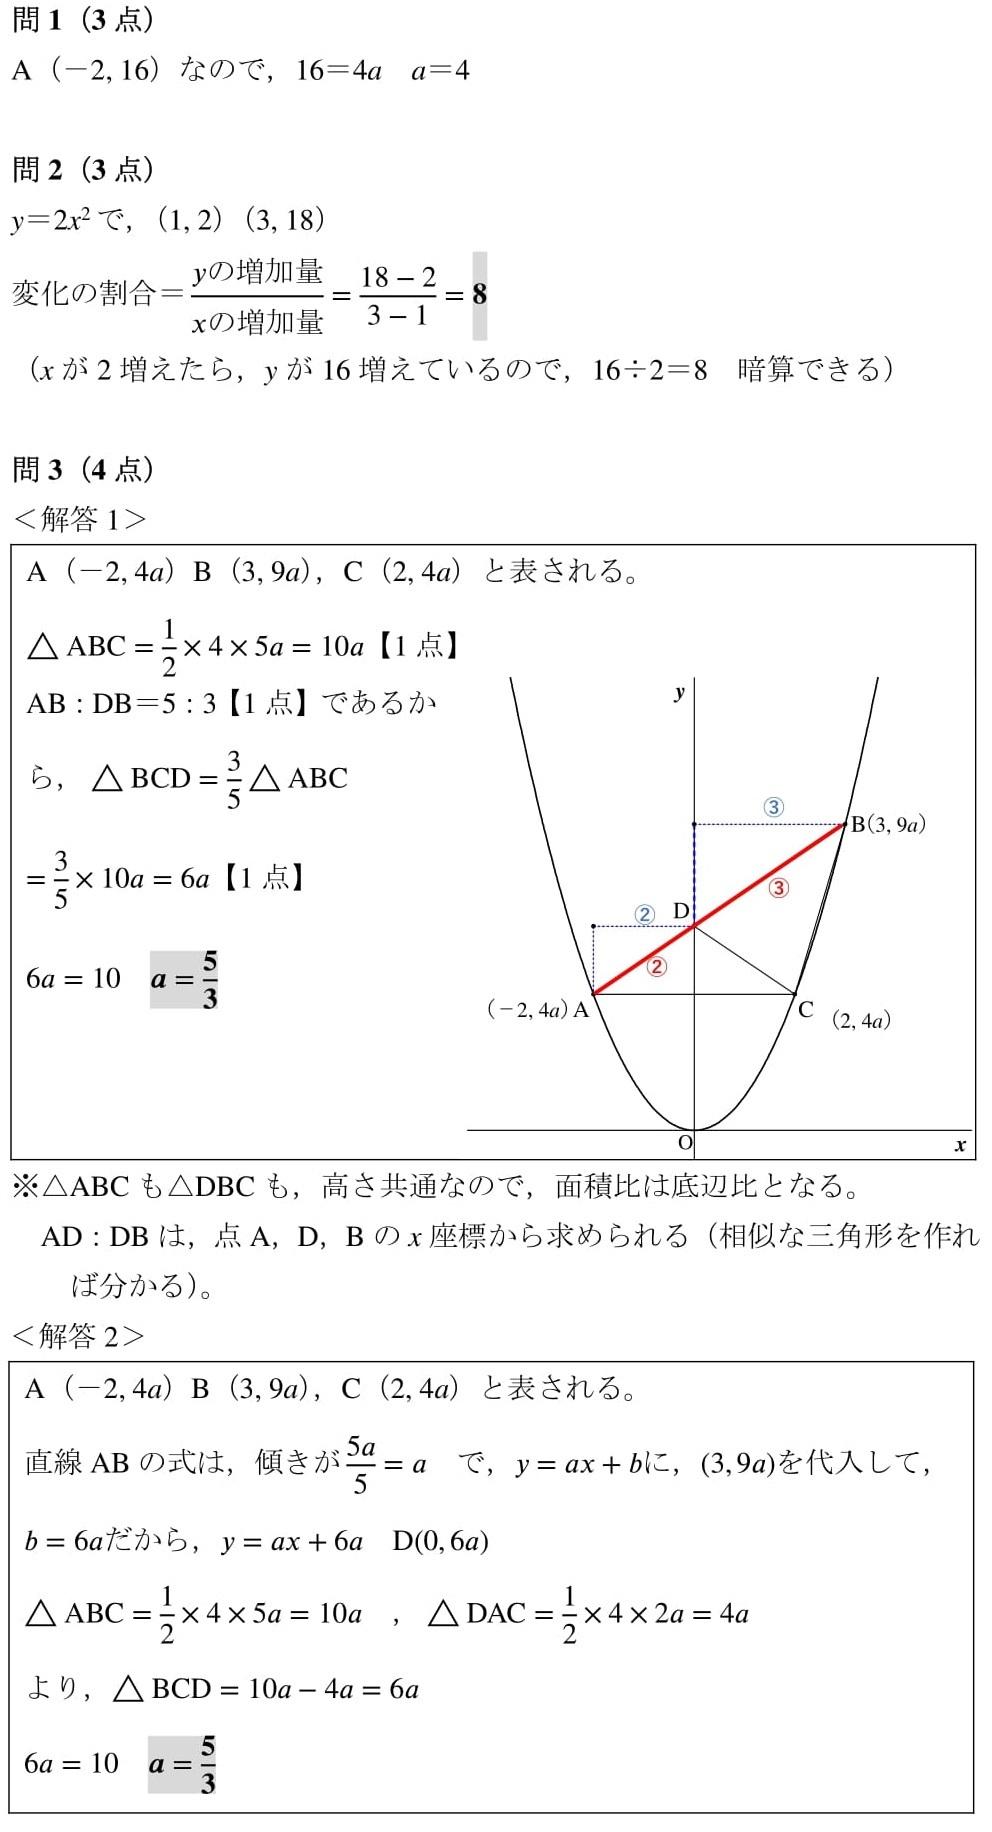 29_hokkansu-3.jpg